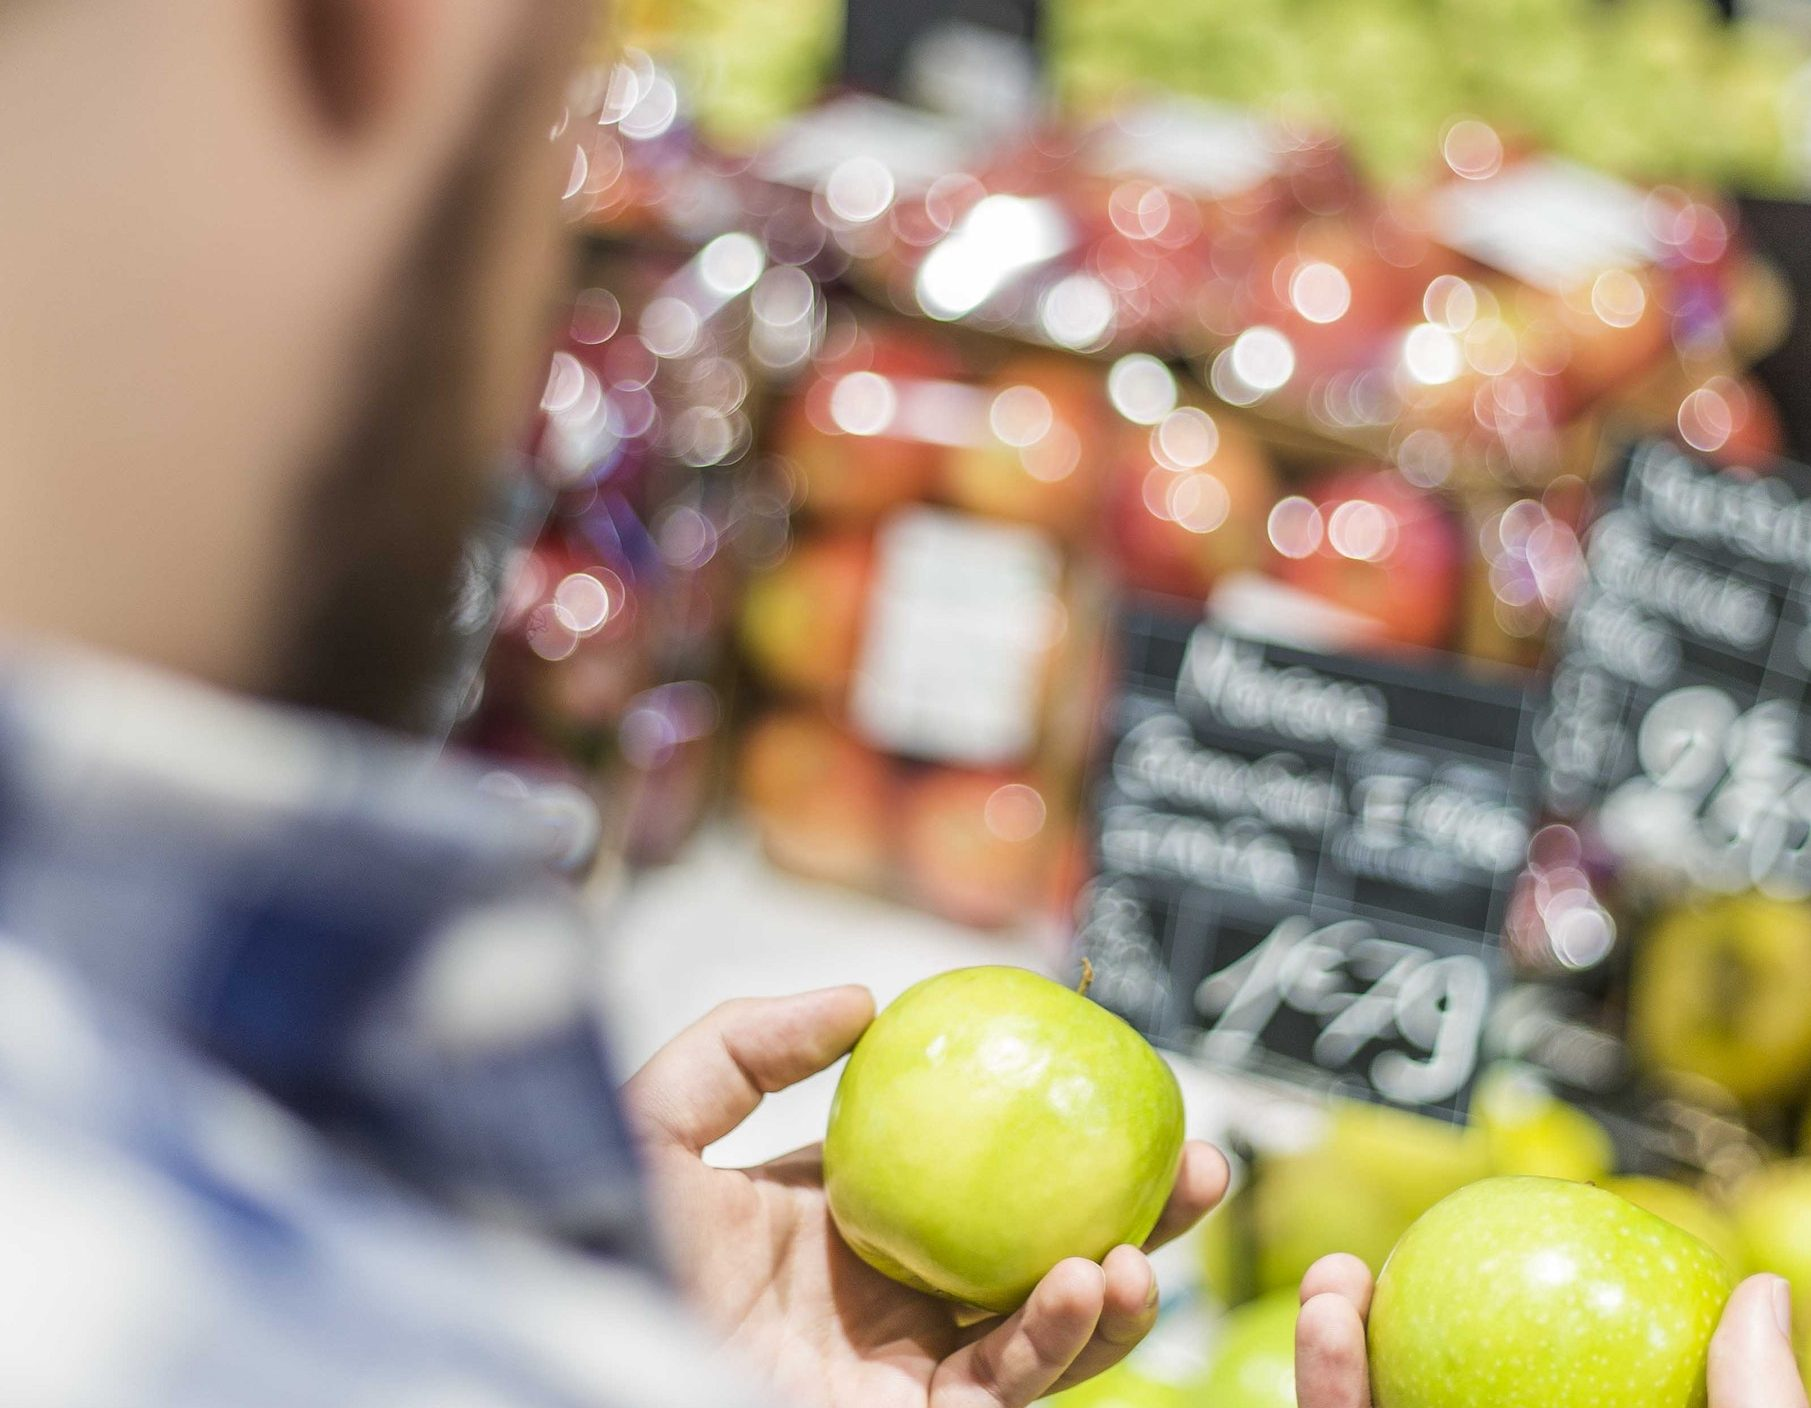 Mężczyzna jabłko w dłoni /Ilustracja do tekstu: 4 sposoby na regerację nasienia